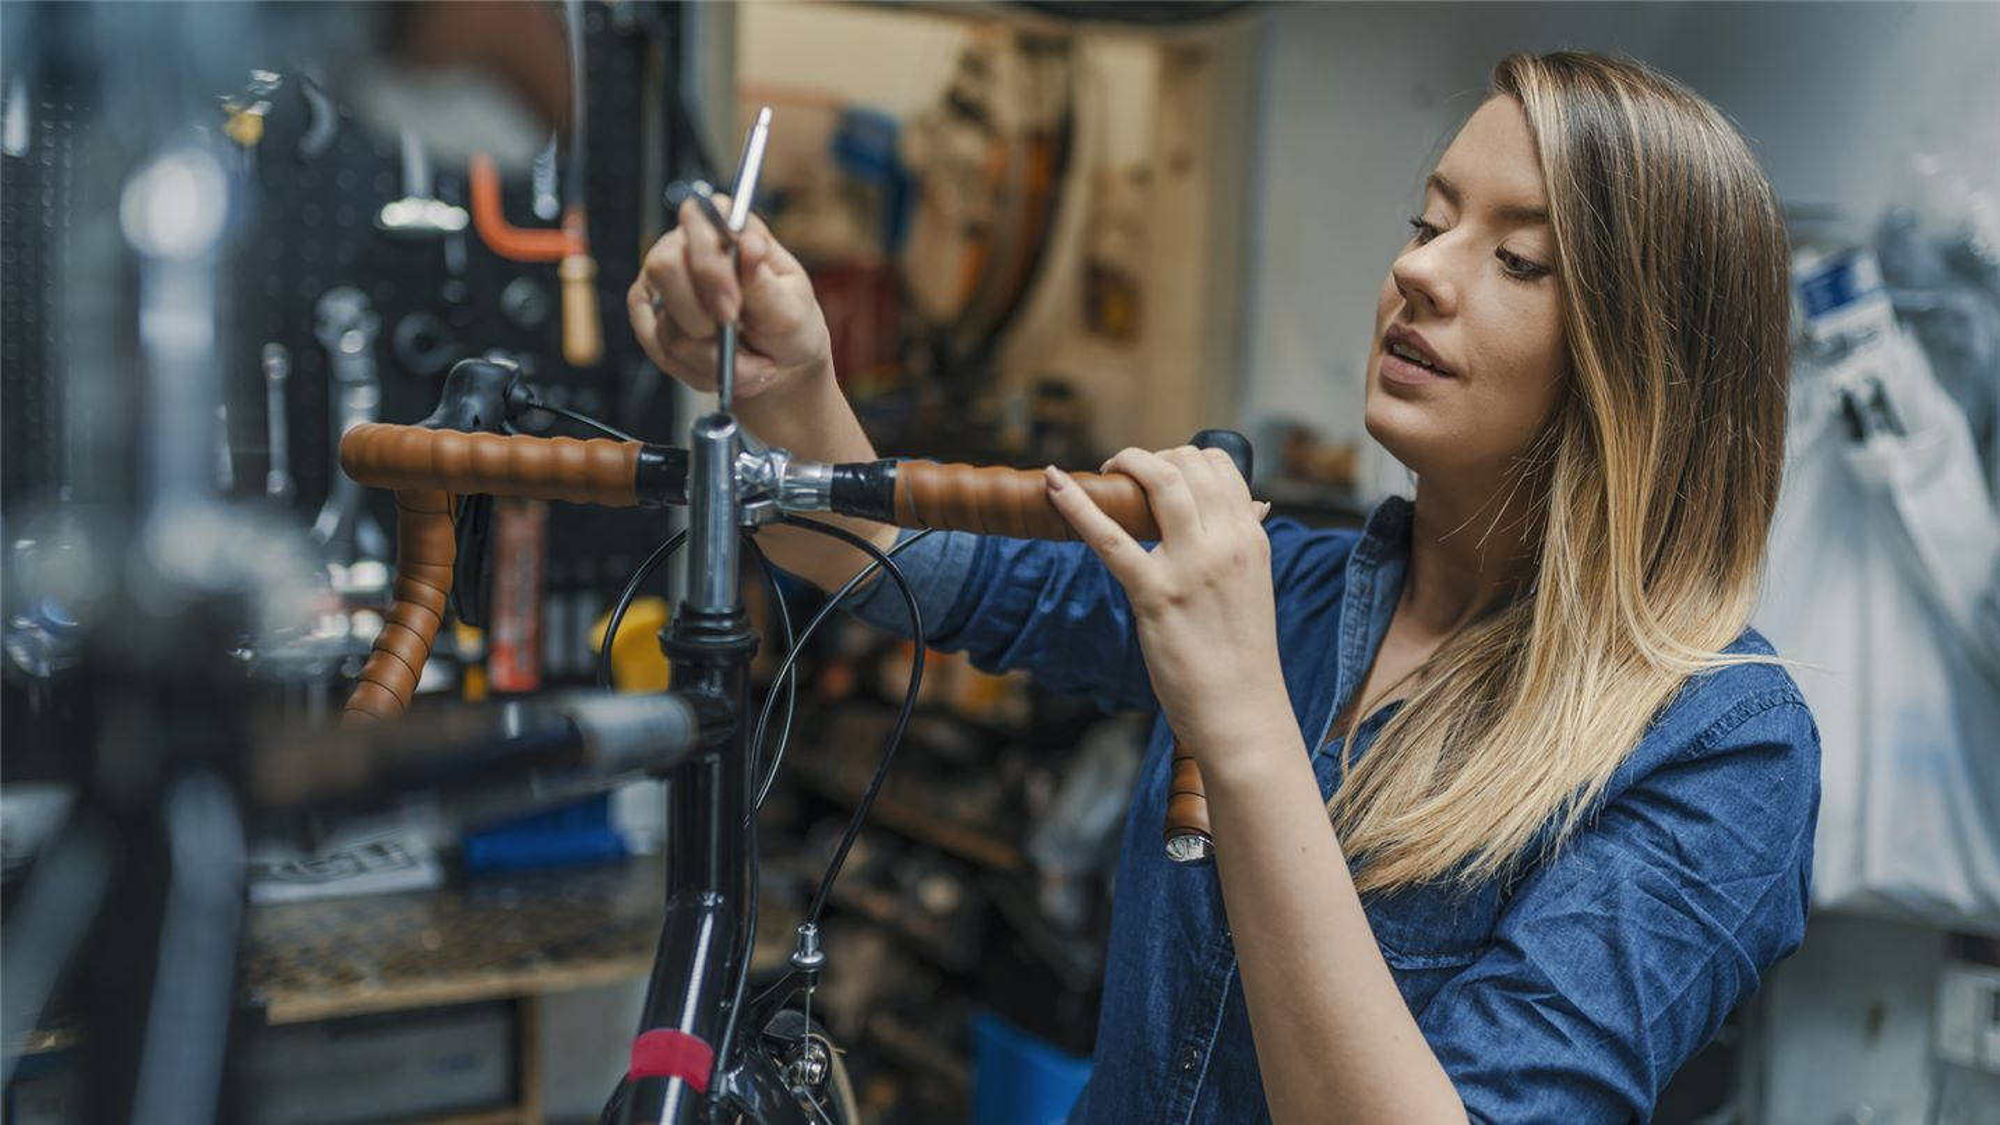 Woman bicycle technician fixing a bike